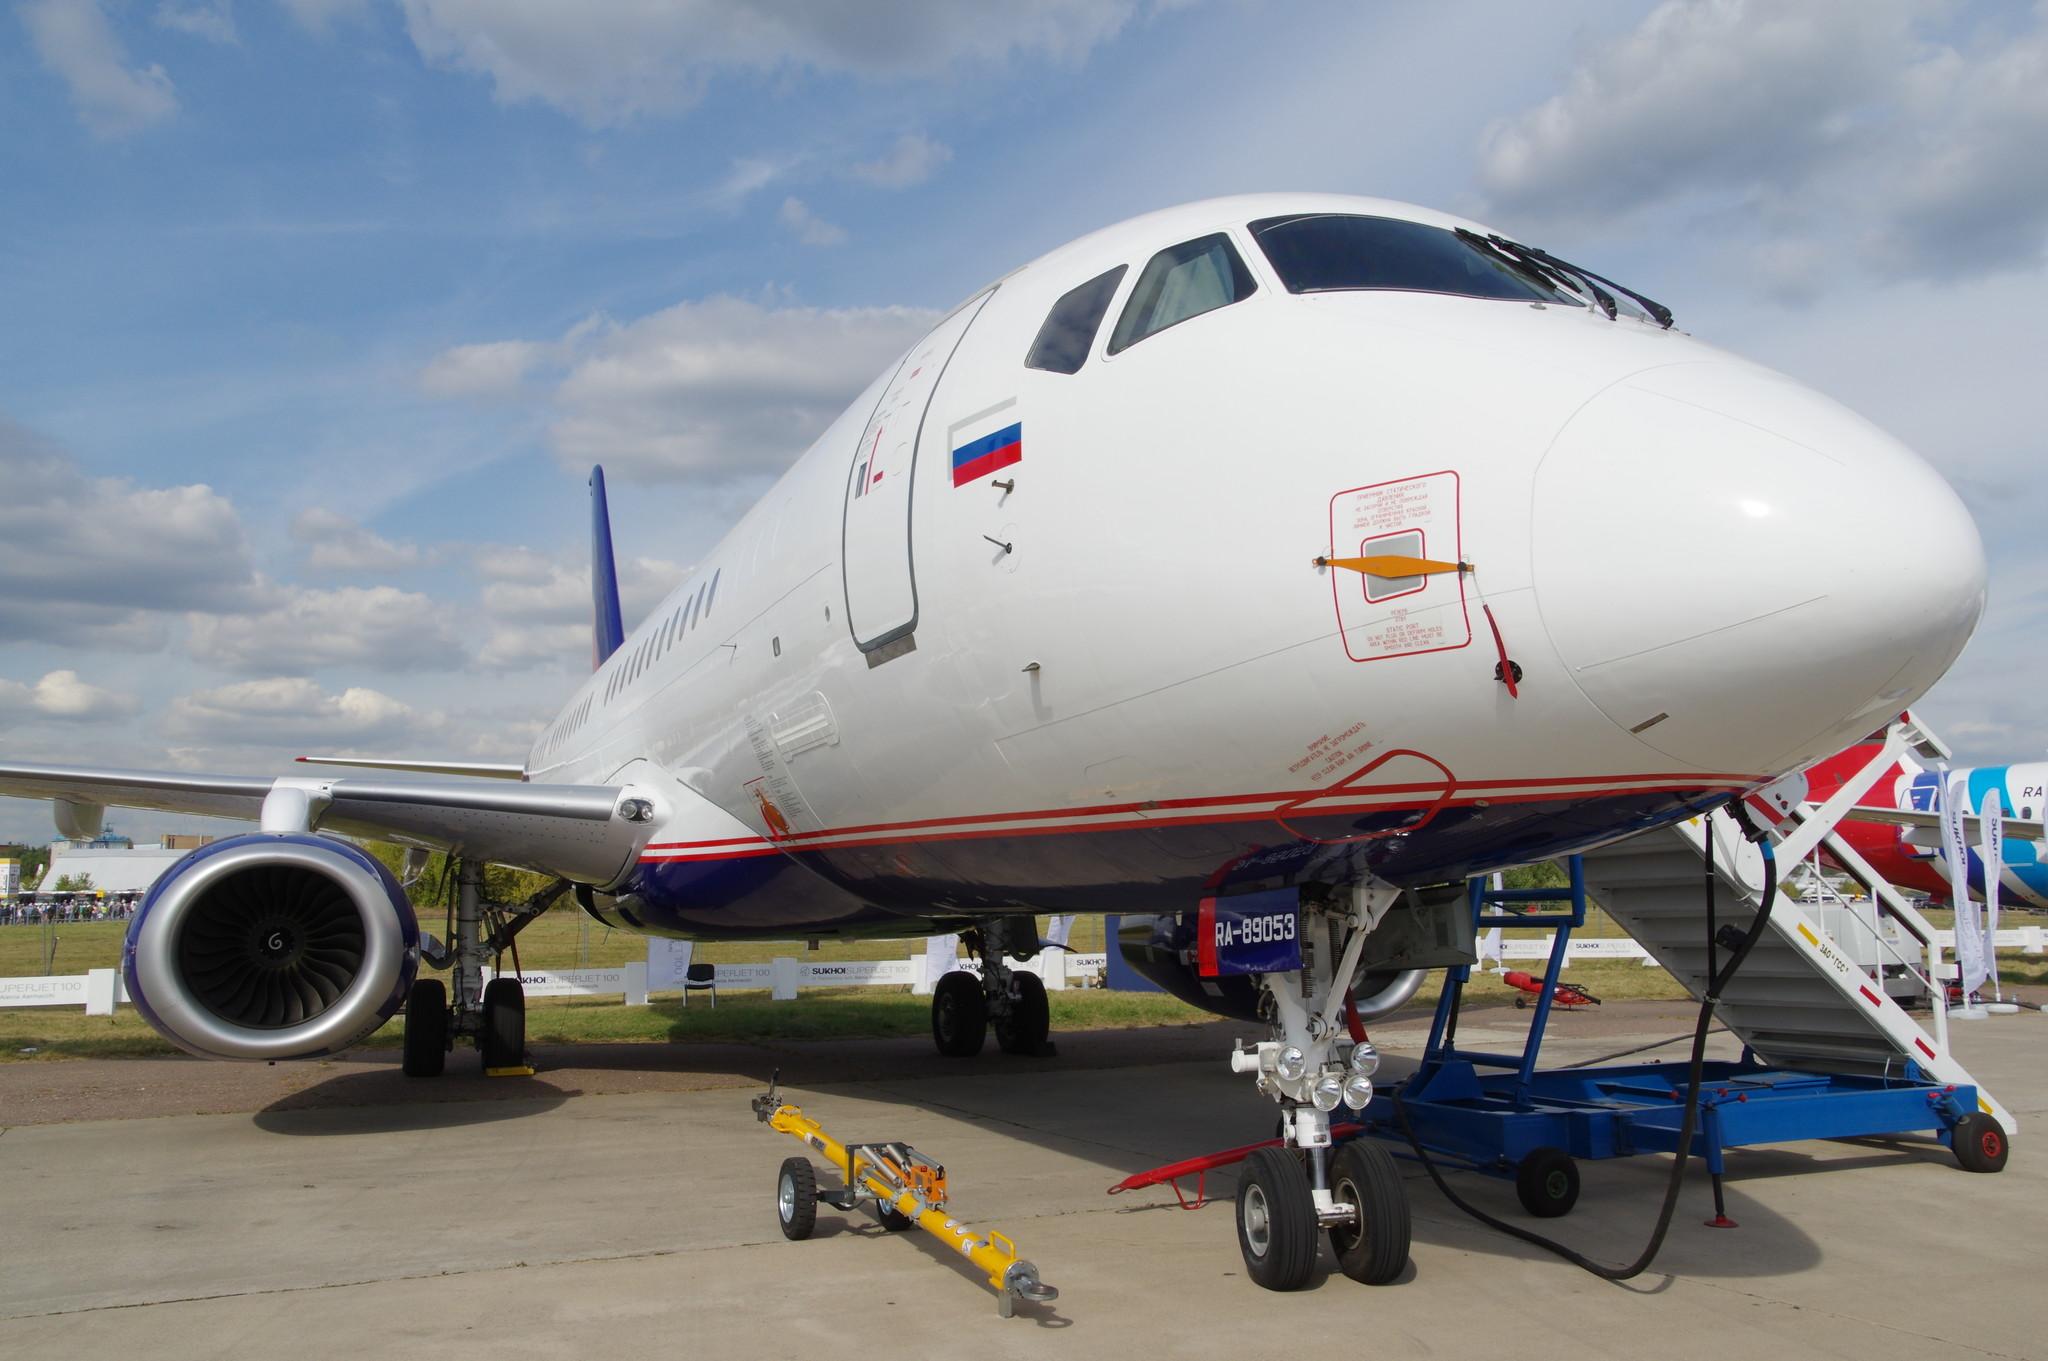 Ближнемагистральный пассажирский самолёт Sukhoi Superjet 100